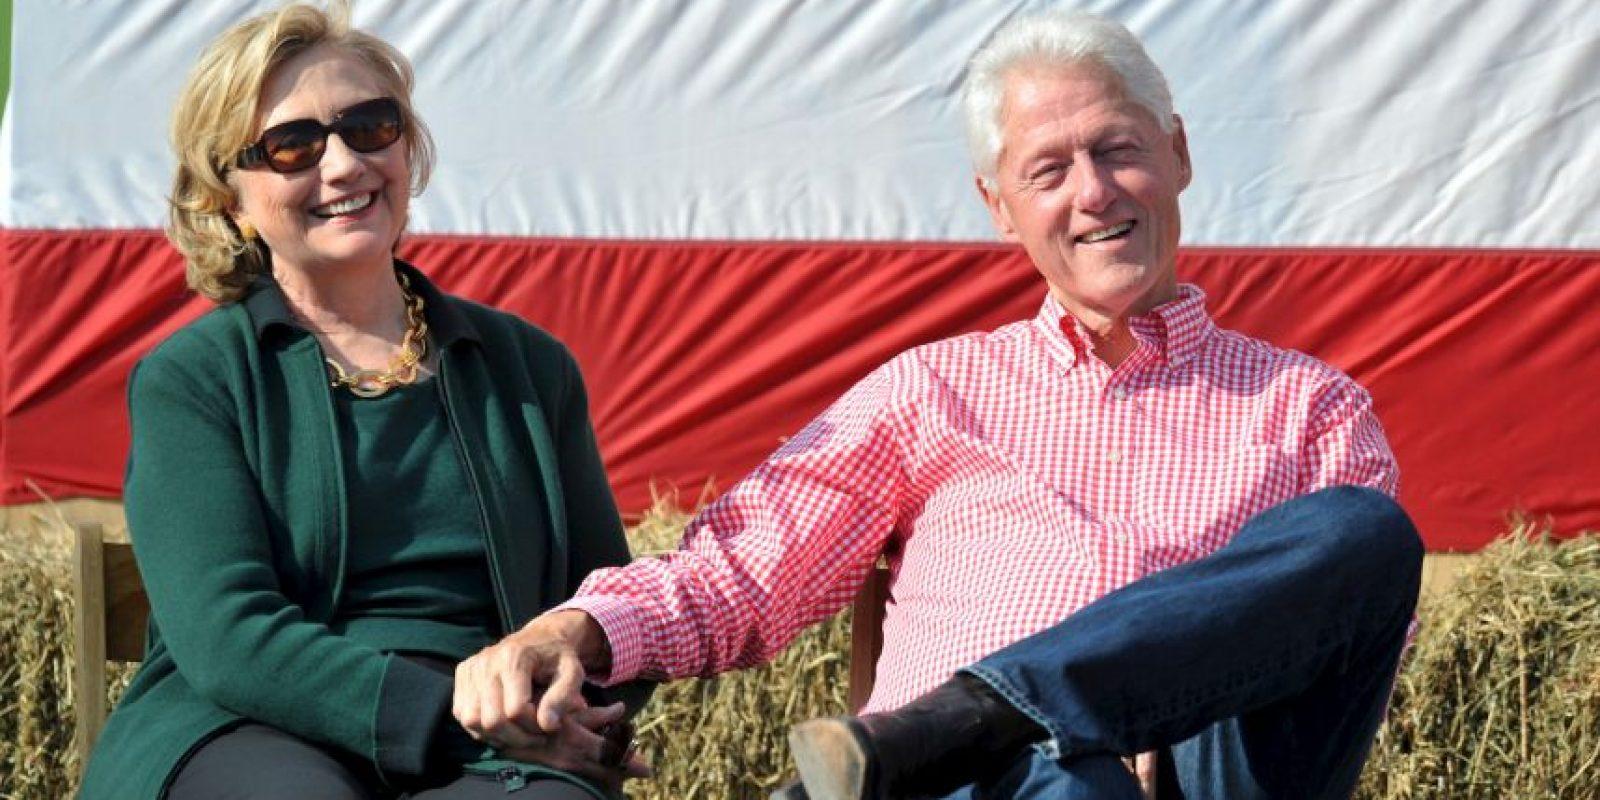 Clinton conoció a su marido Bill Clinton en 1971 Foto:Getty Images